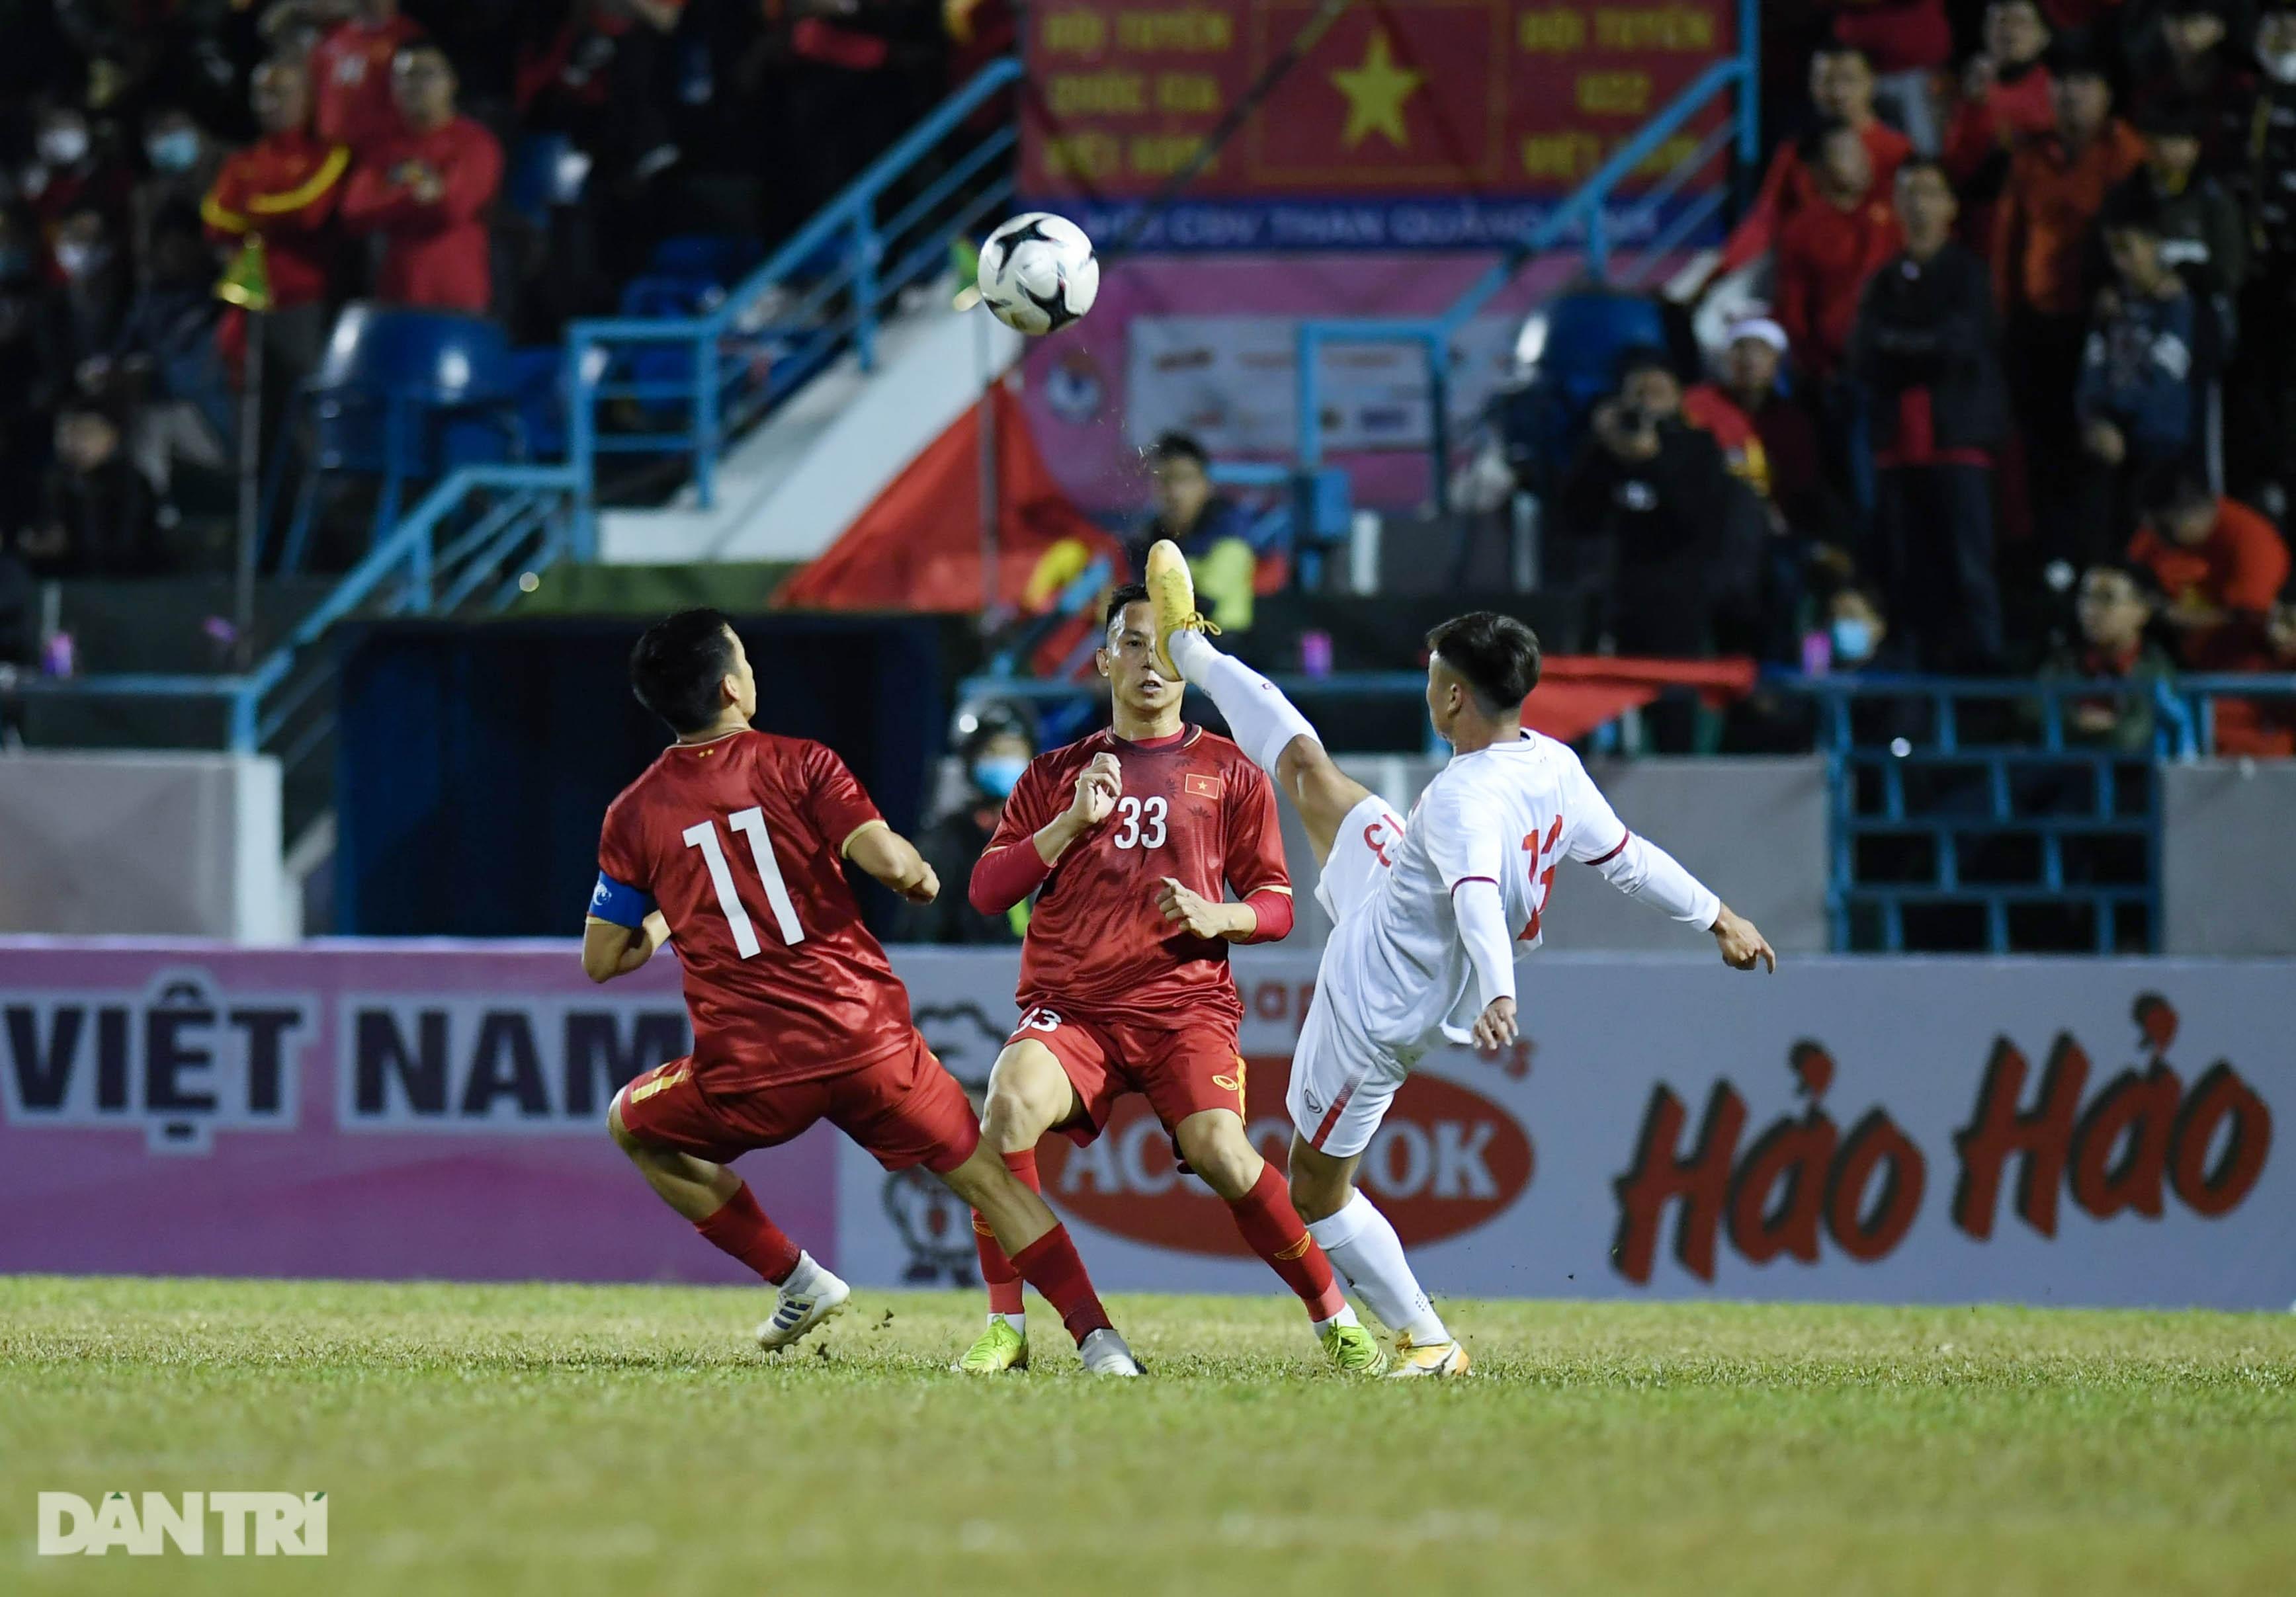 Văn Quyết ghi điểm trong chiến thắng của tuyển Việt Nam trước đàn em U22 - 10